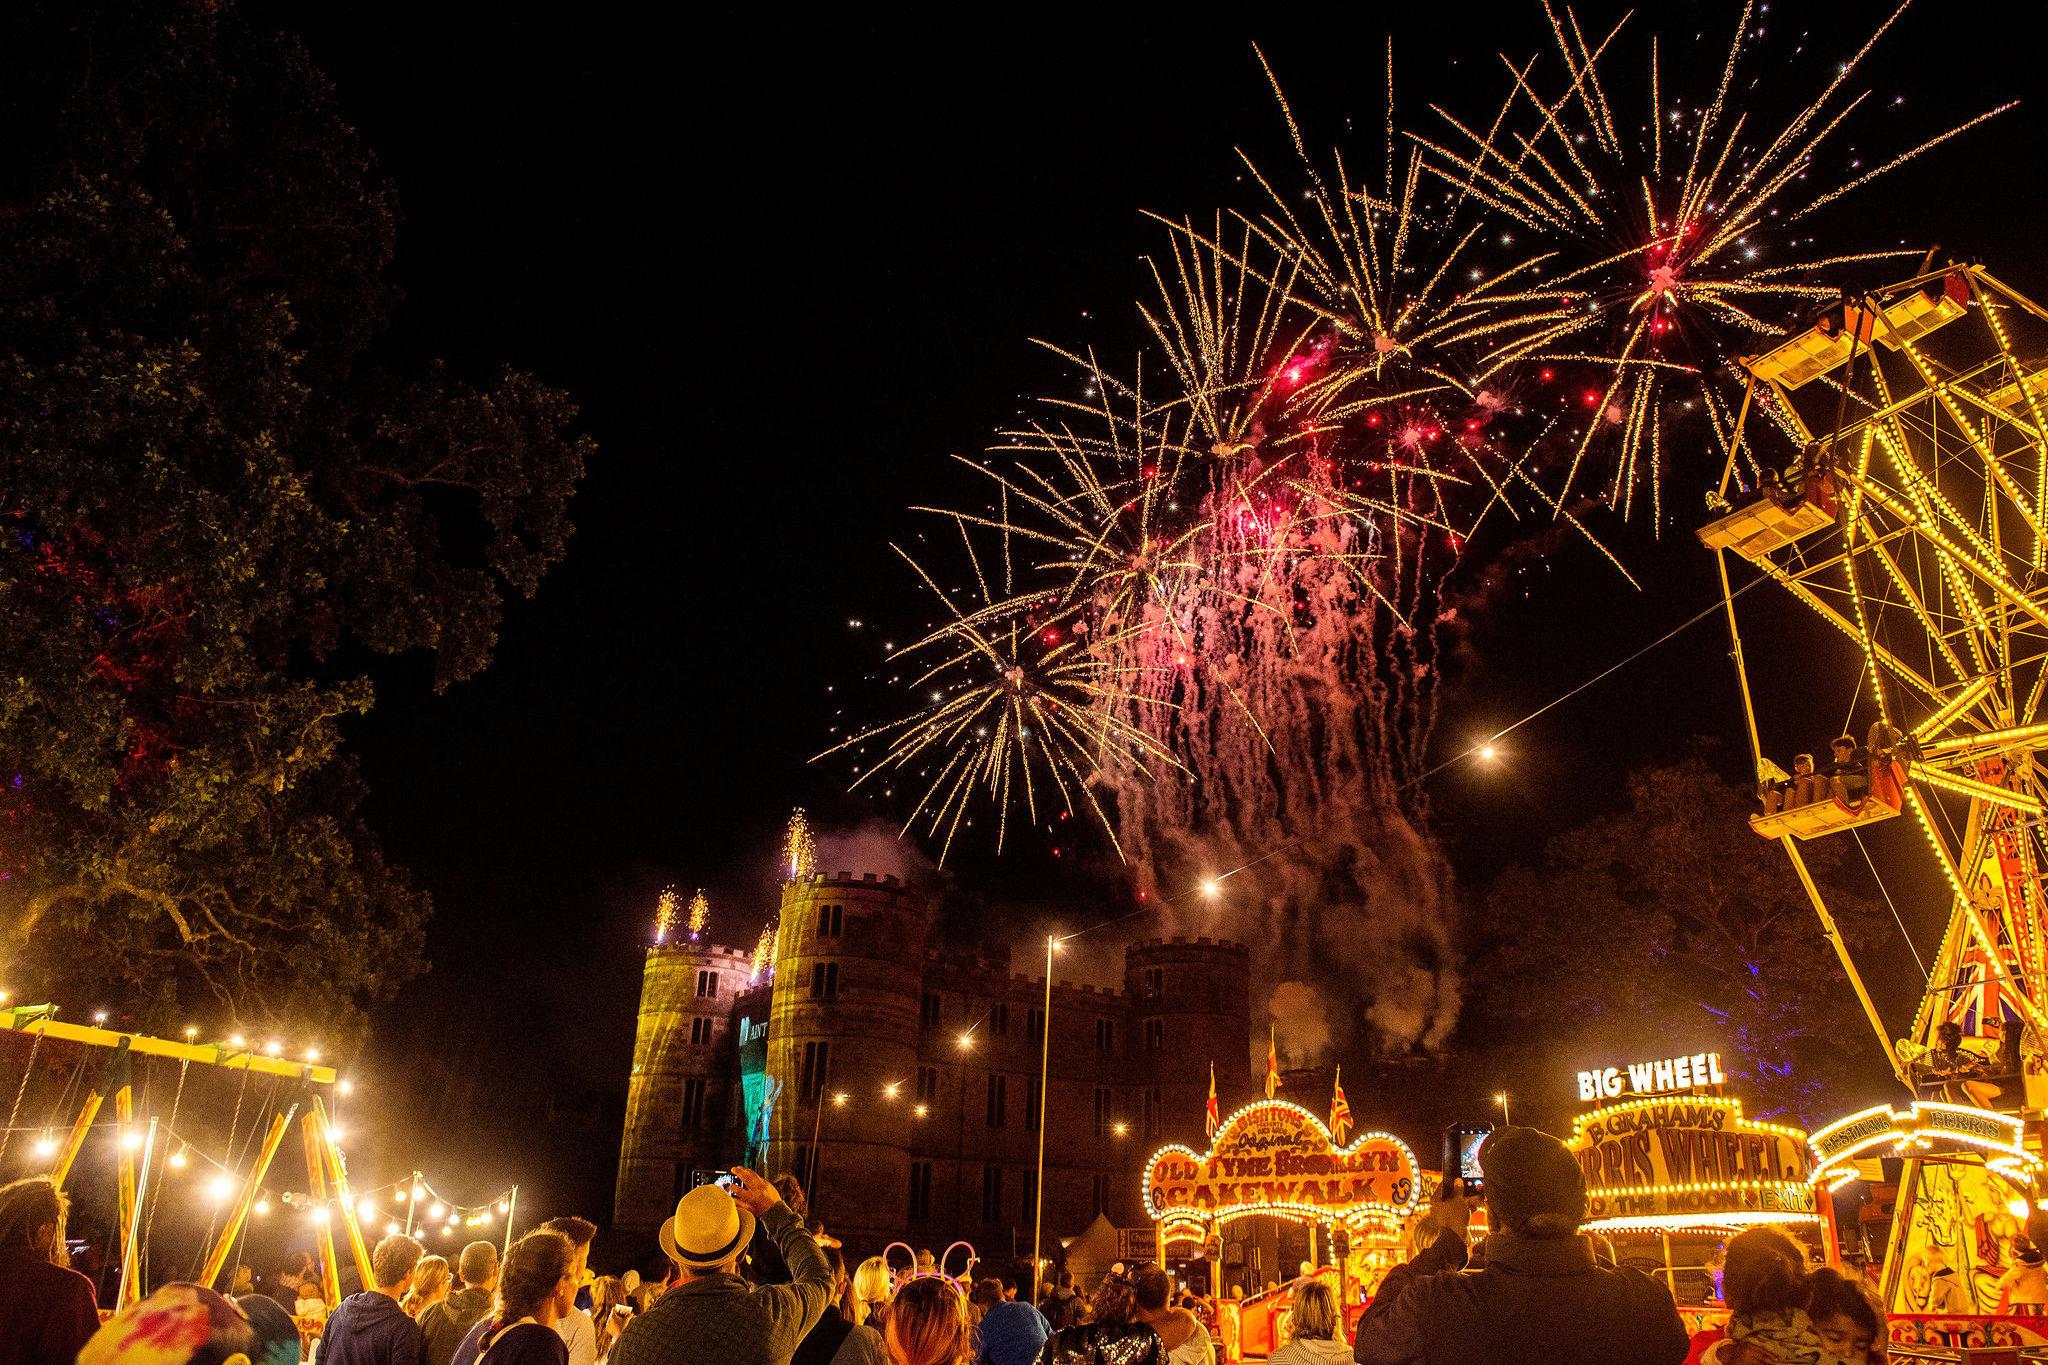 Son et Lumière Castle Fireworks Spectacular  image